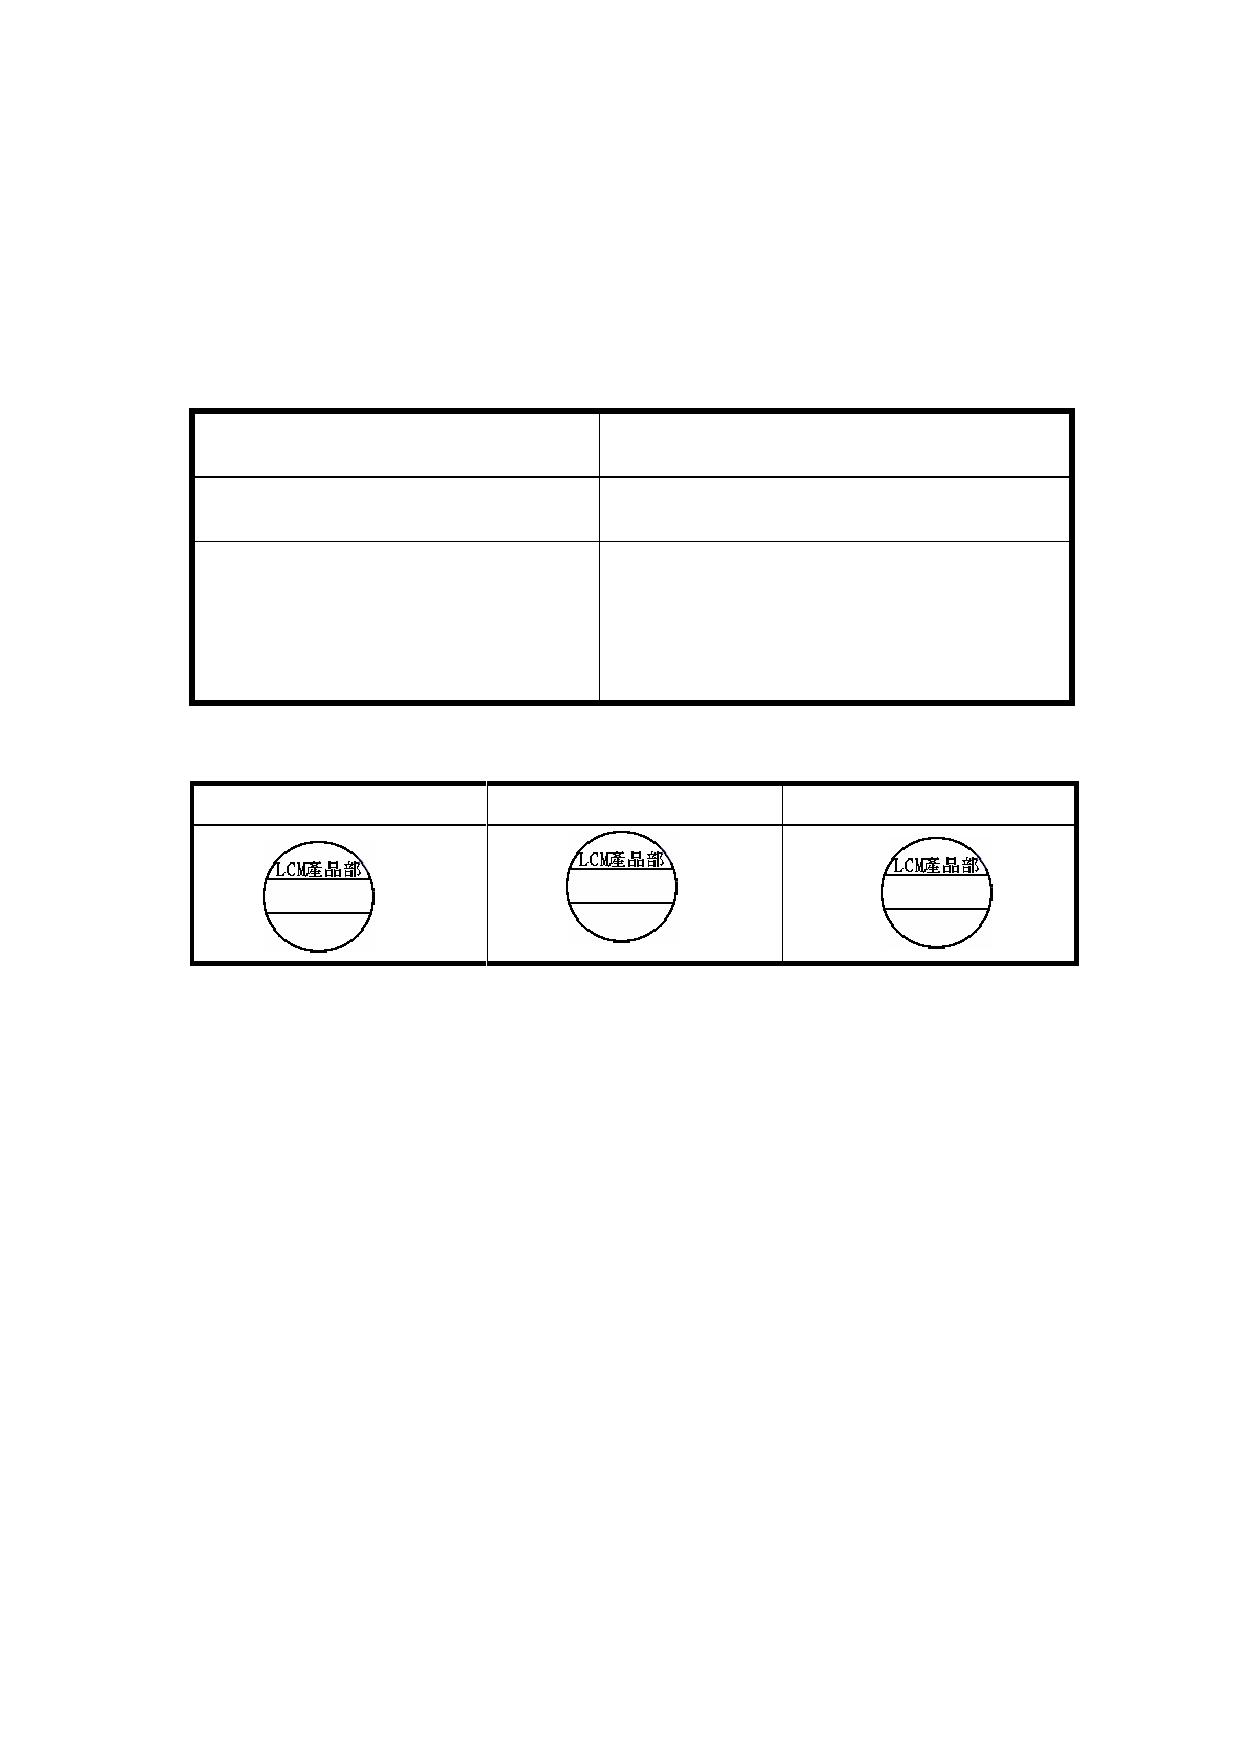 I3002-7IXN2440A Hoja de datos, Descripción, Manual